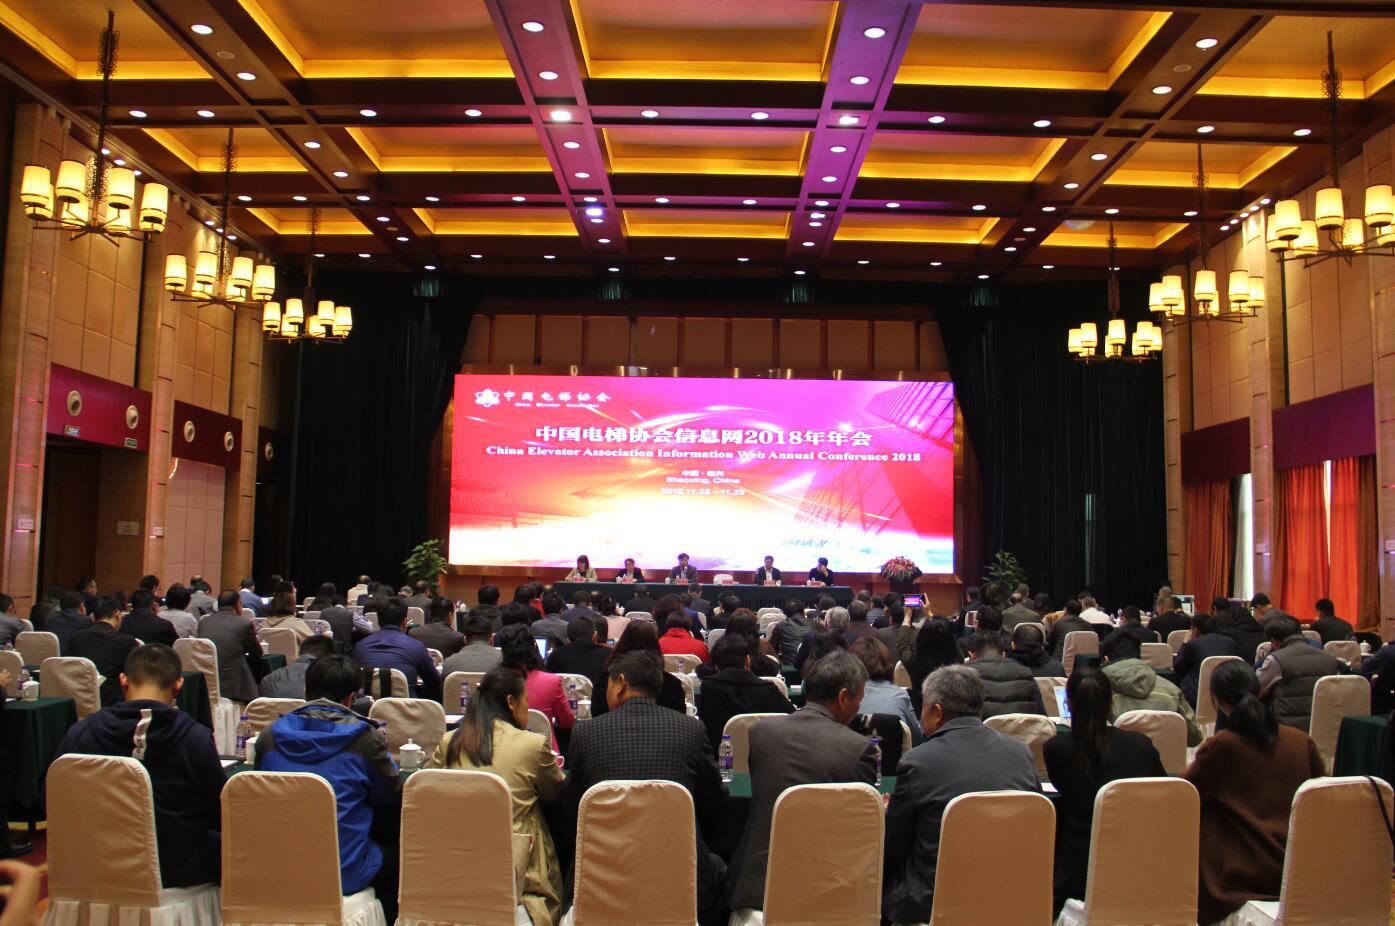 中国电梯协会信息网2018年年会圆满召开